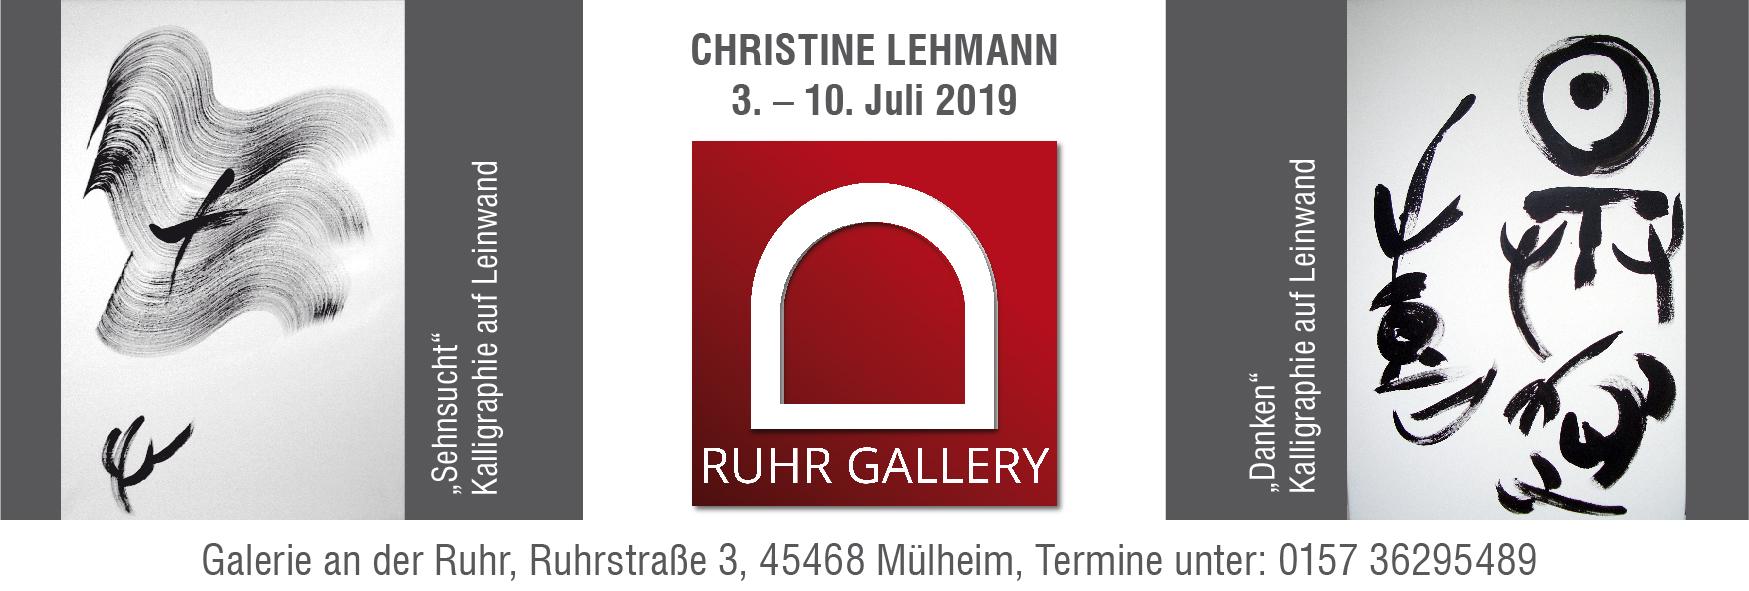 Christine Lehmann stellt in der RUHR GALLERY MÜLHEIM aus –